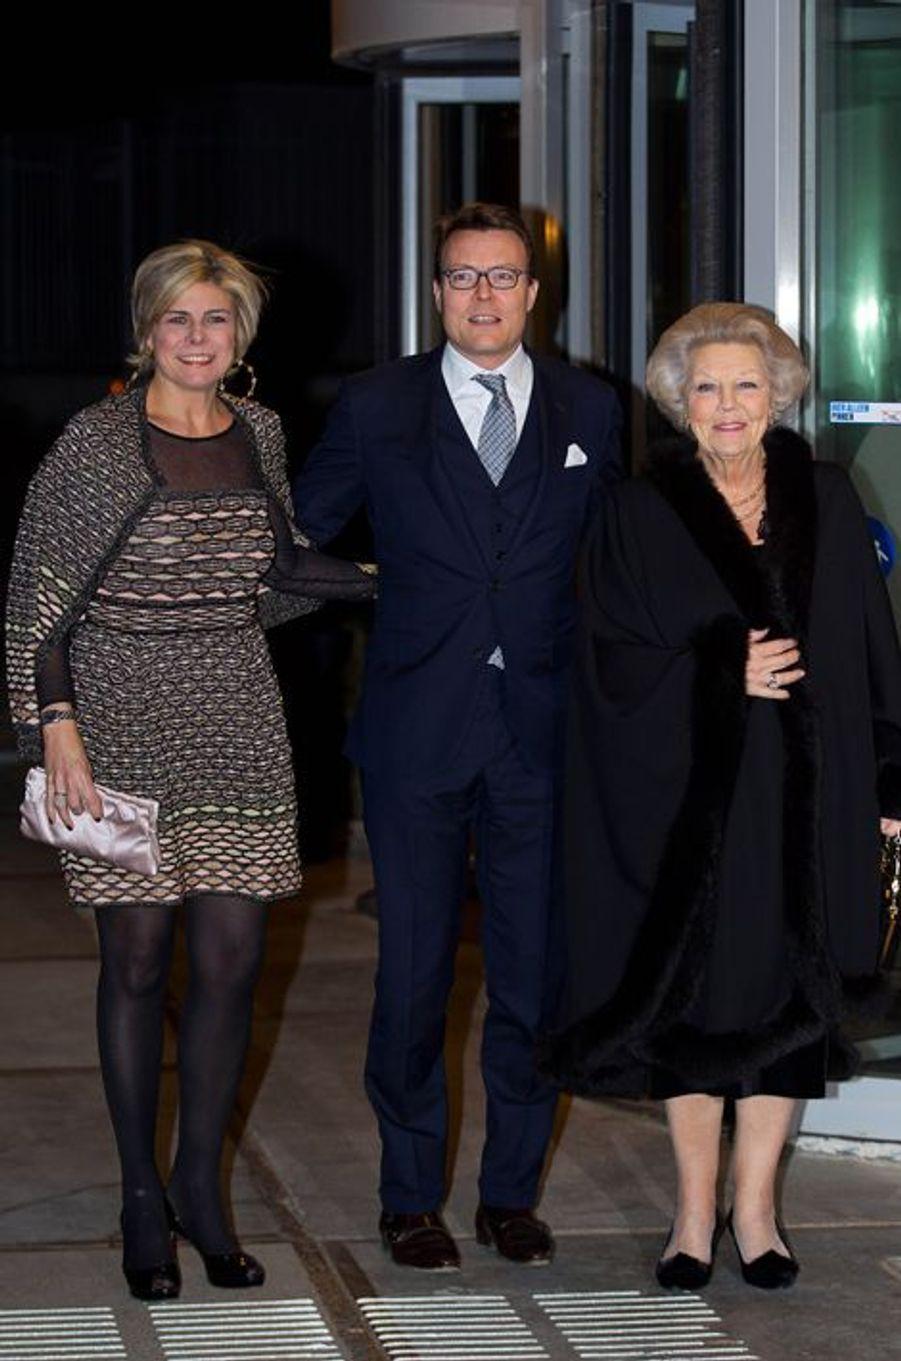 Les princesses Laurentien et Beatrix avec le prince Constantijn des Pays-Bas à La Haye, le 28 janvier 2016